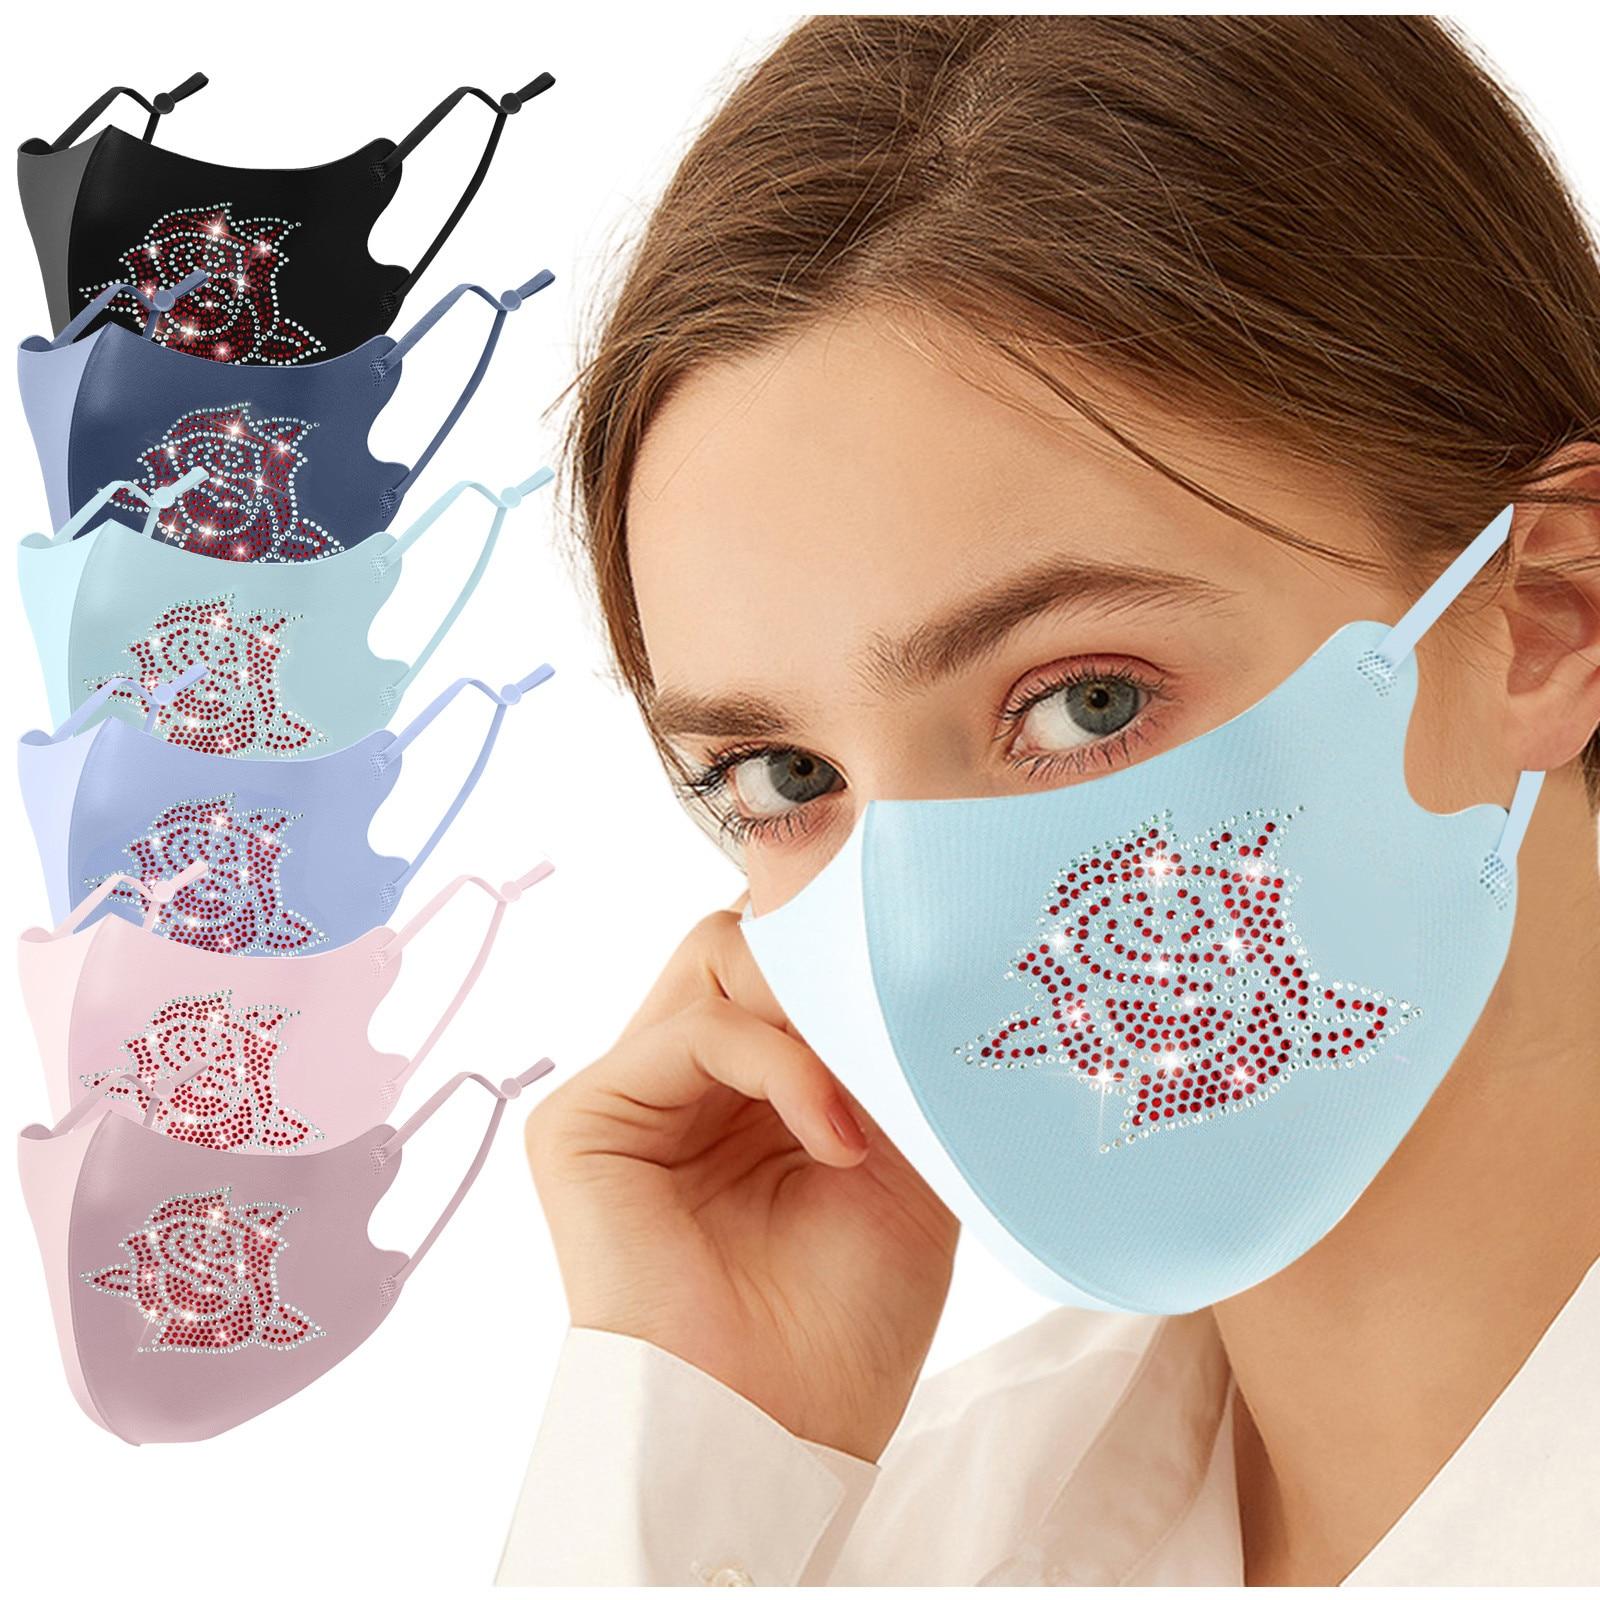 1 шт розовые стразы маска для Для женщин ко Дню Святого Валентина Безопасность защитный рот шапки на открытом воздухе пыле Mascarillas Mascherine Lavabil